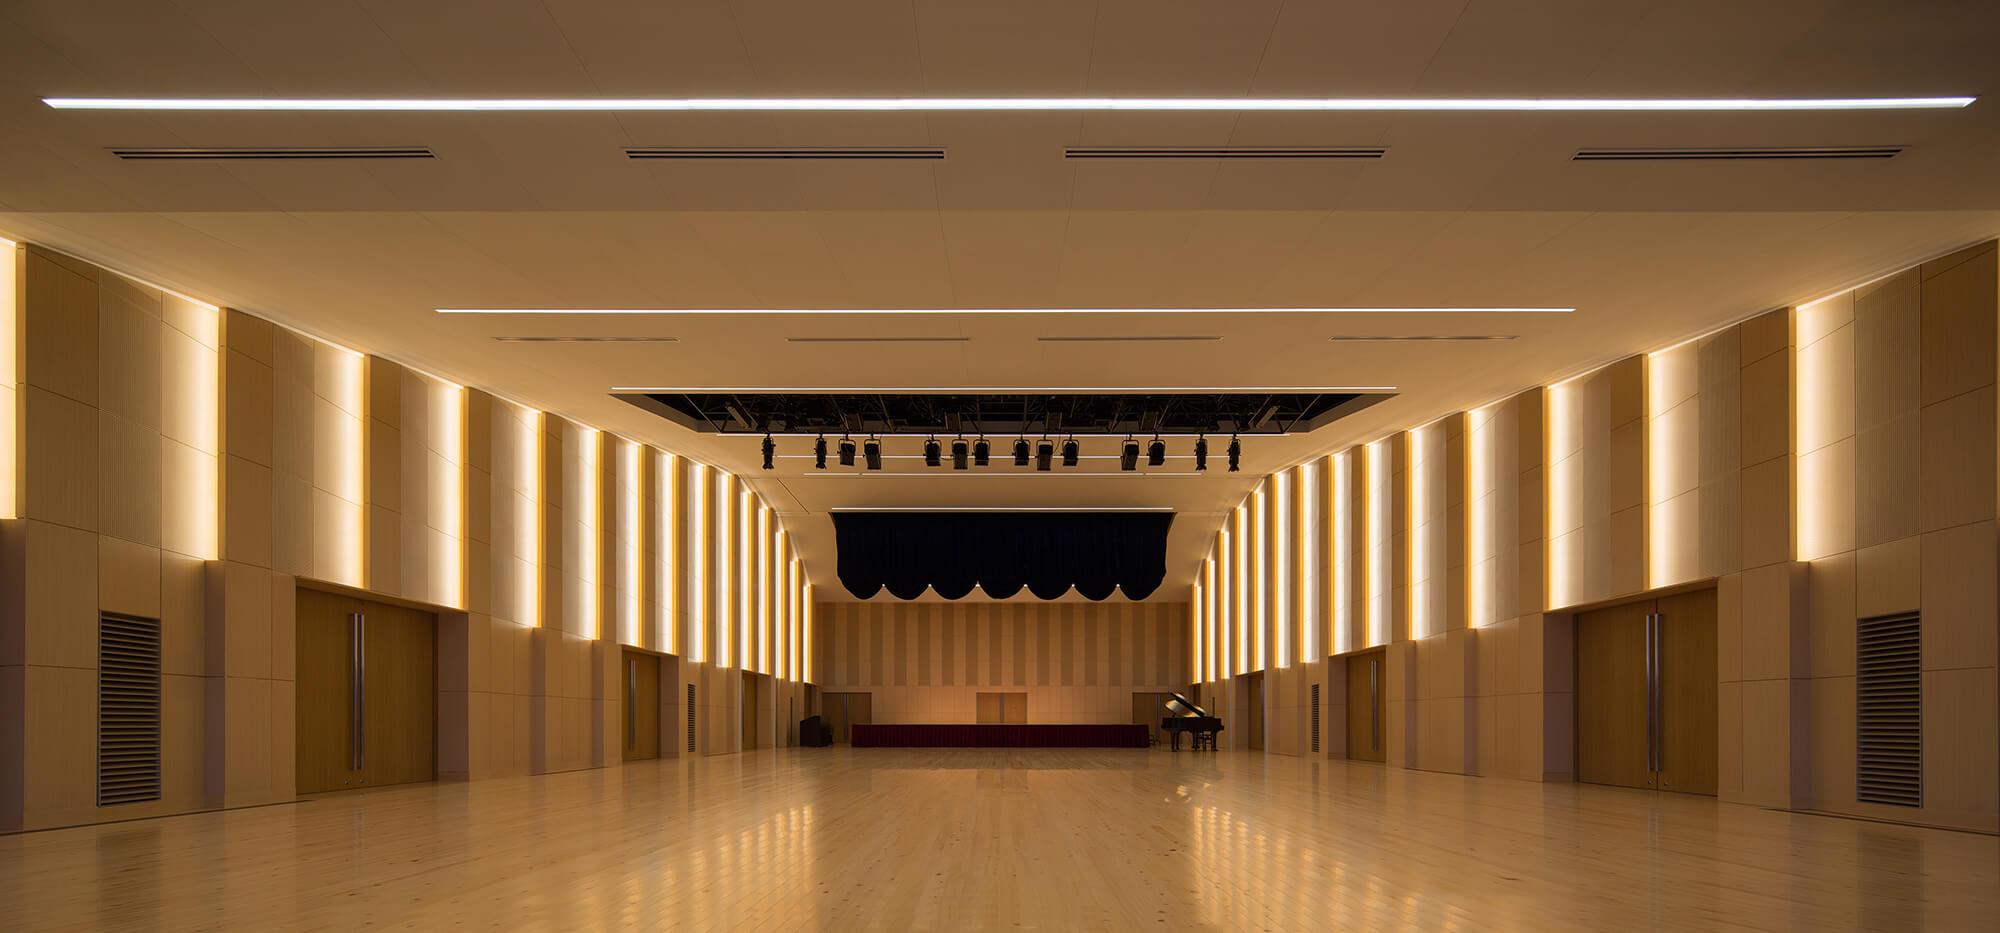 『小城まちなか市民交流センター』建築写真・竣工写真・インテリア写真7